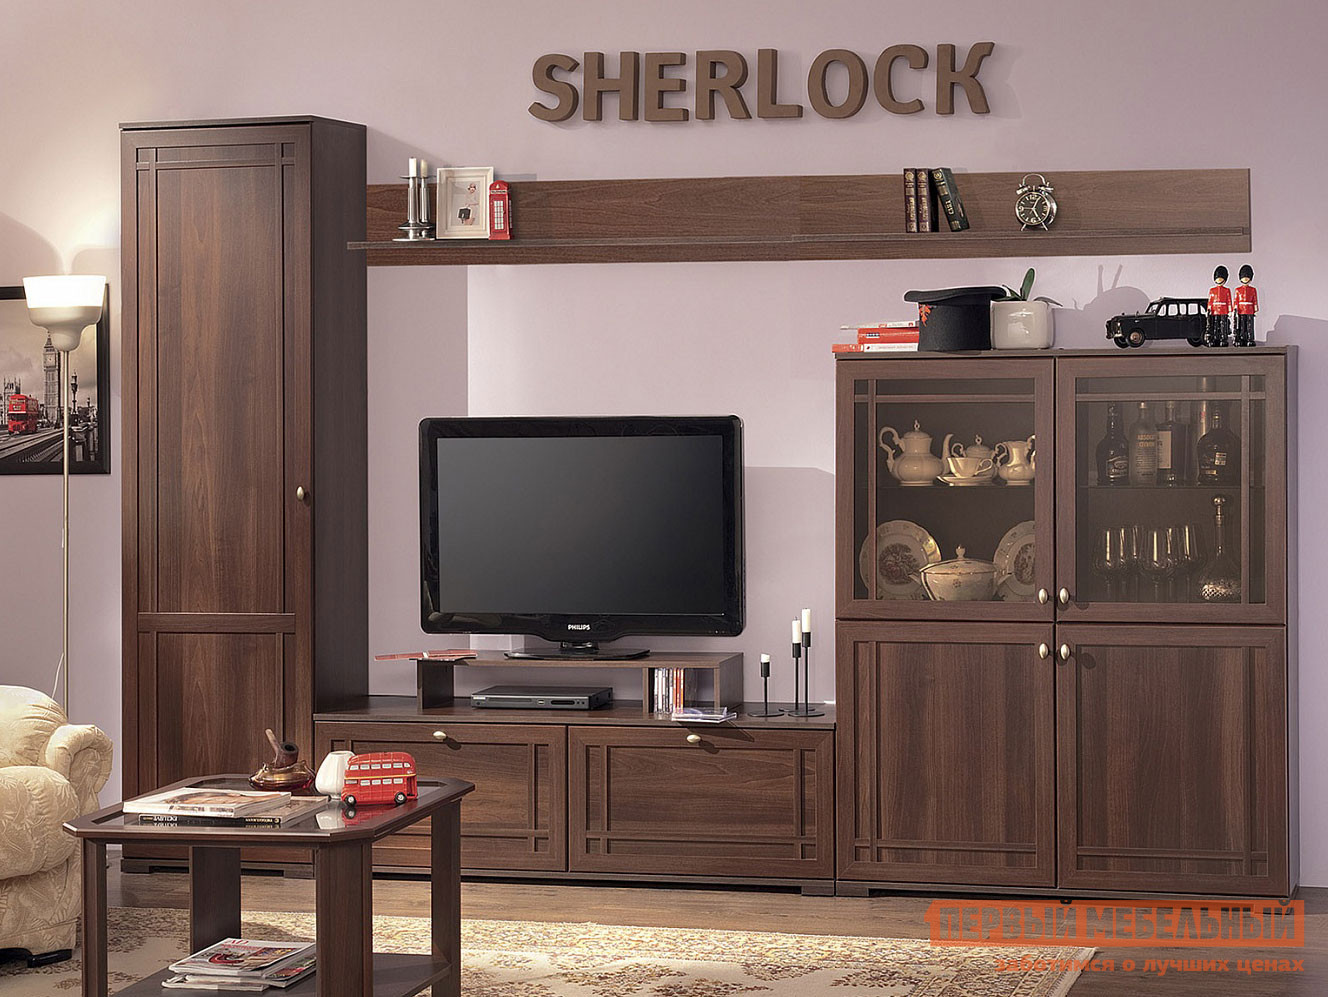 Гостиная Первый Мебельный Sherlock 2 (гостиная) Шкаф МЦН гостиная первый мебельный гостиная диаманд